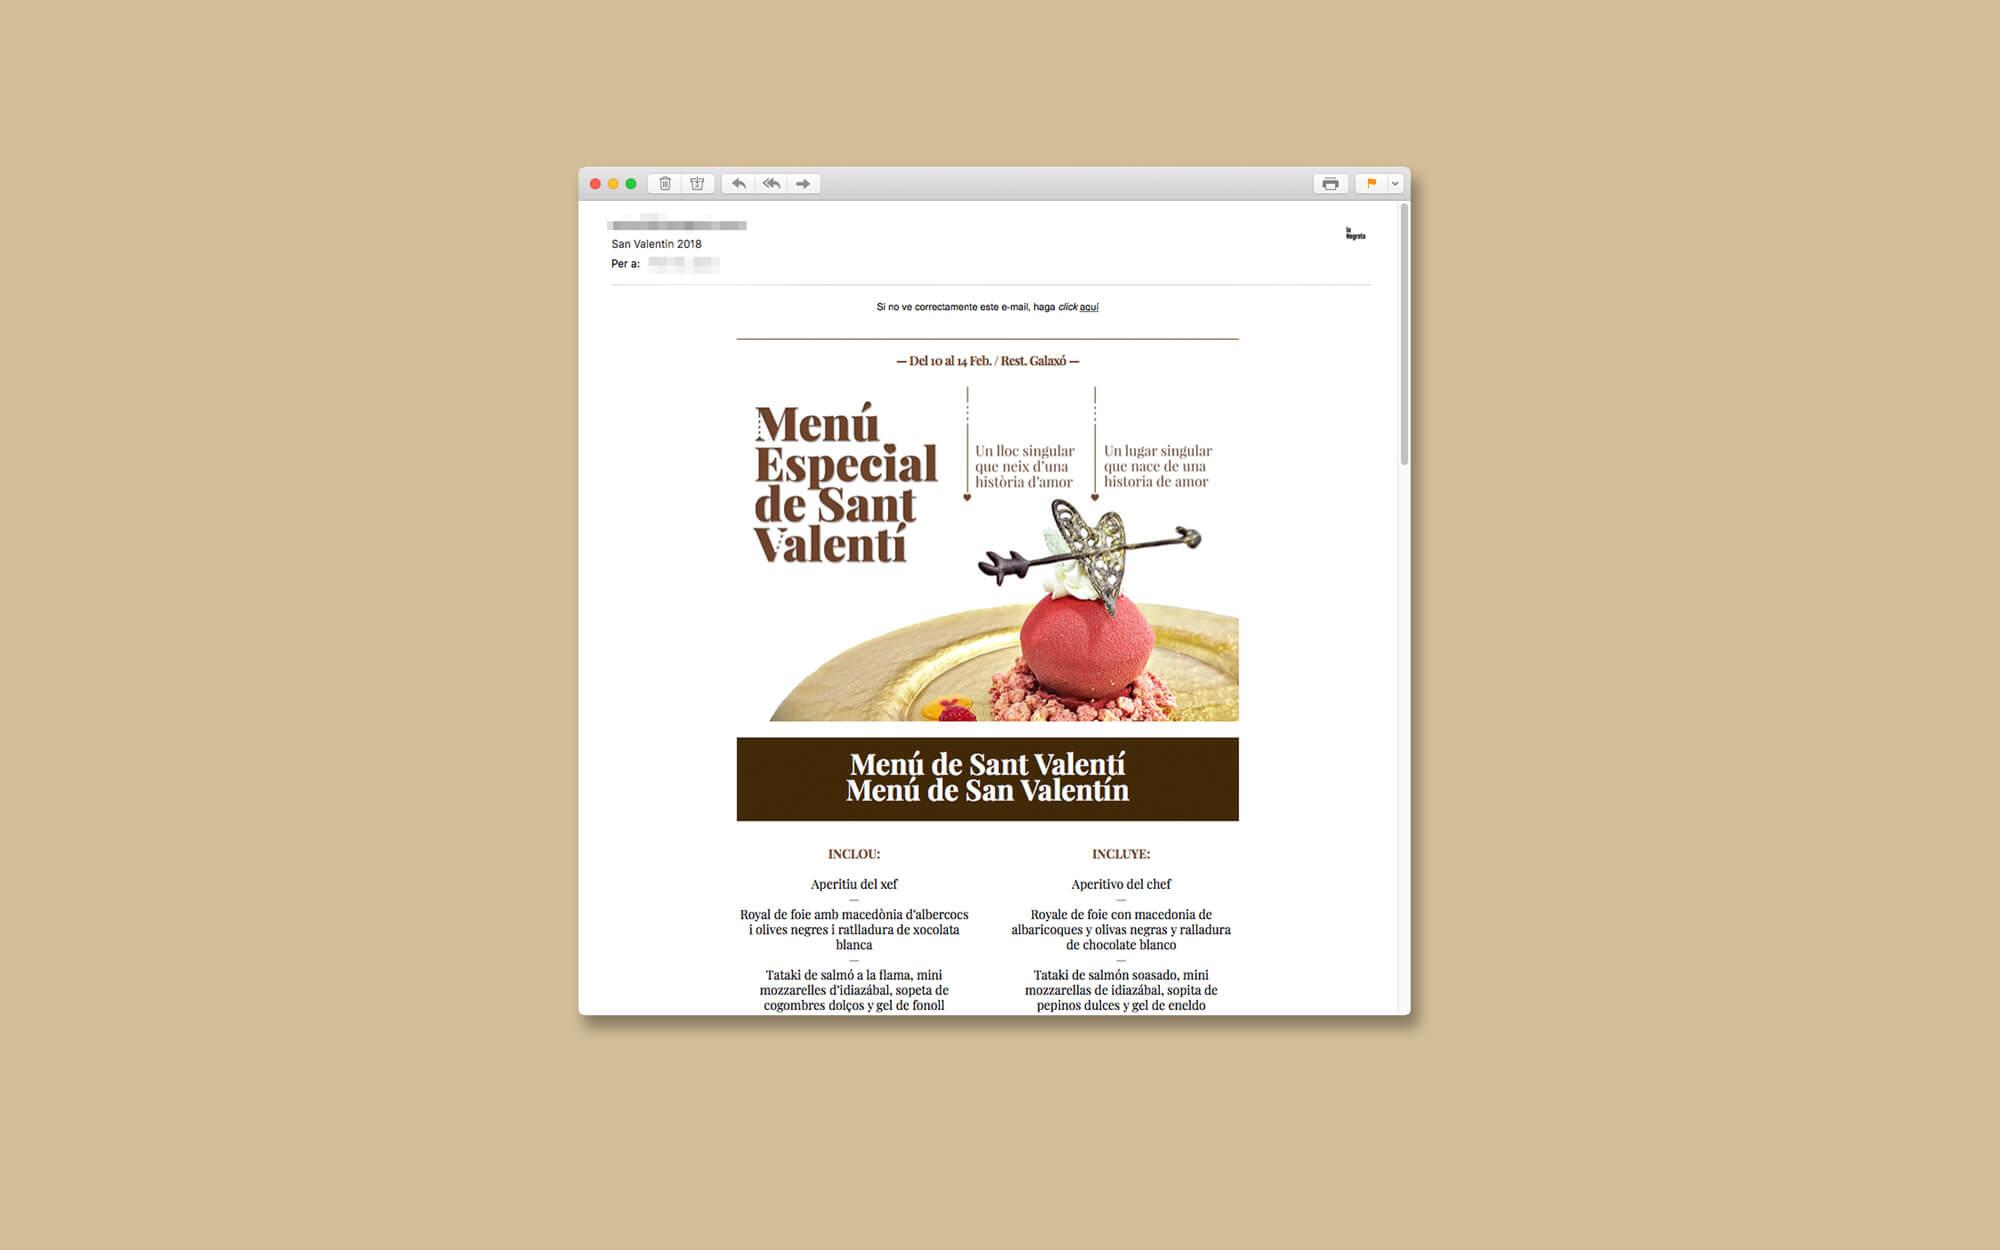 Hotel Casa Fuster, Hotel, Barcelona, Sant Valentí, Newsletter, la Negreta, Disseny Gràfic, Barri de Gràcia, Digital, Comunicació, Mailchimp, Email